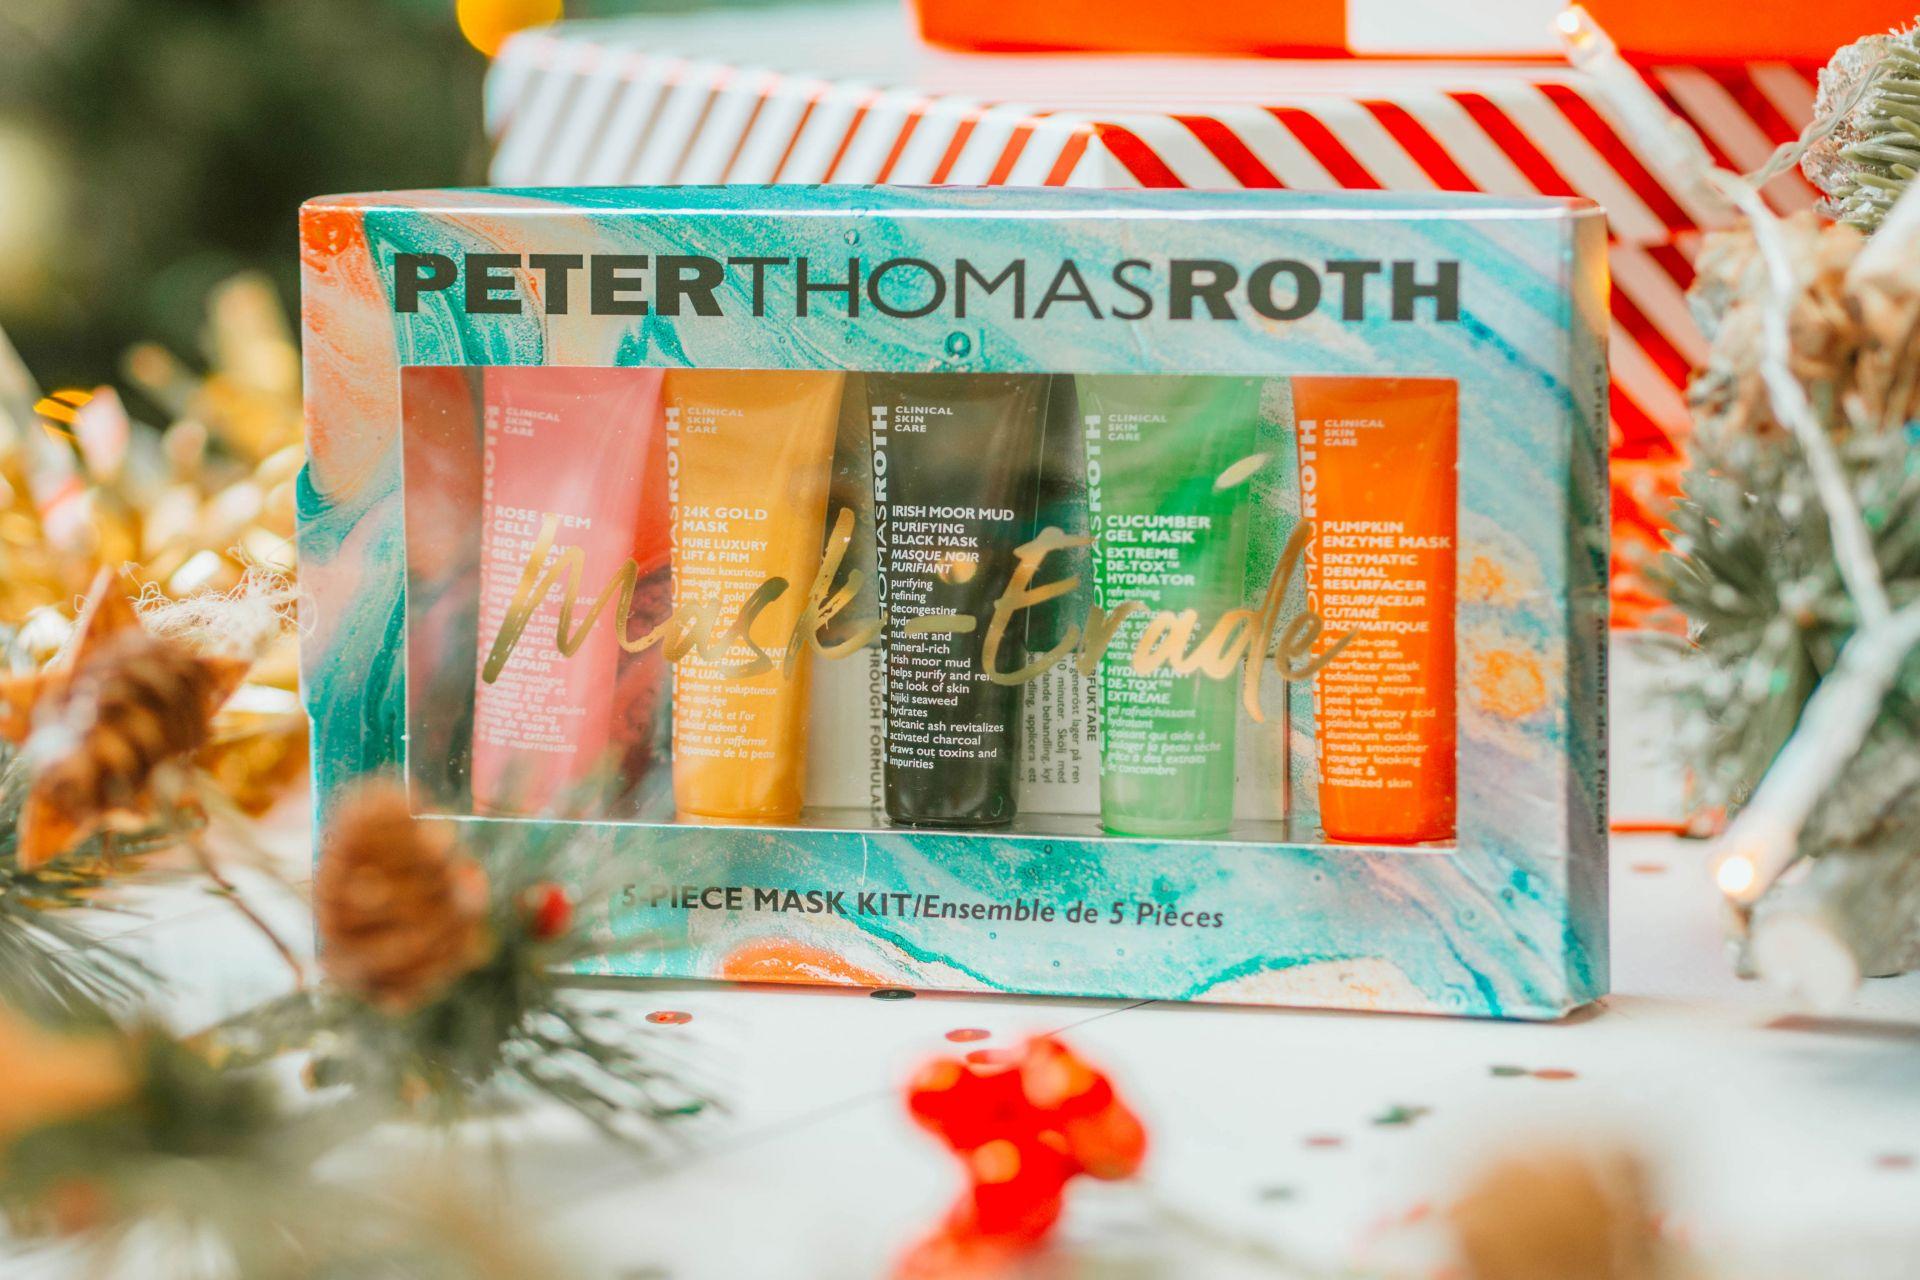 Peter Thomas Roth Mask Kit